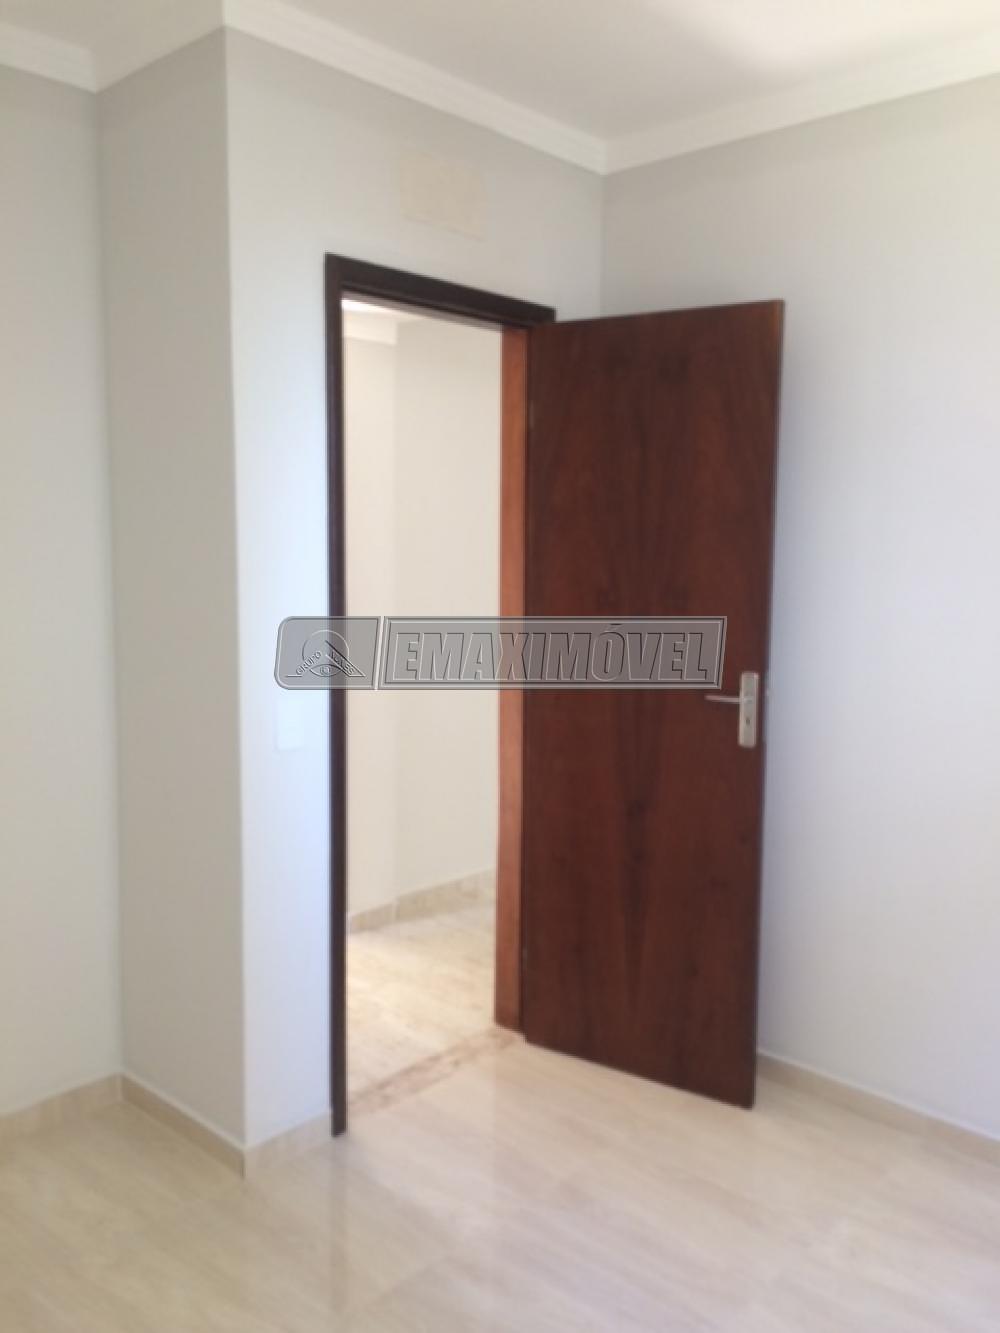 Alugar Apartamentos / Apto Padrão em Votorantim apenas R$ 850,00 - Foto 12